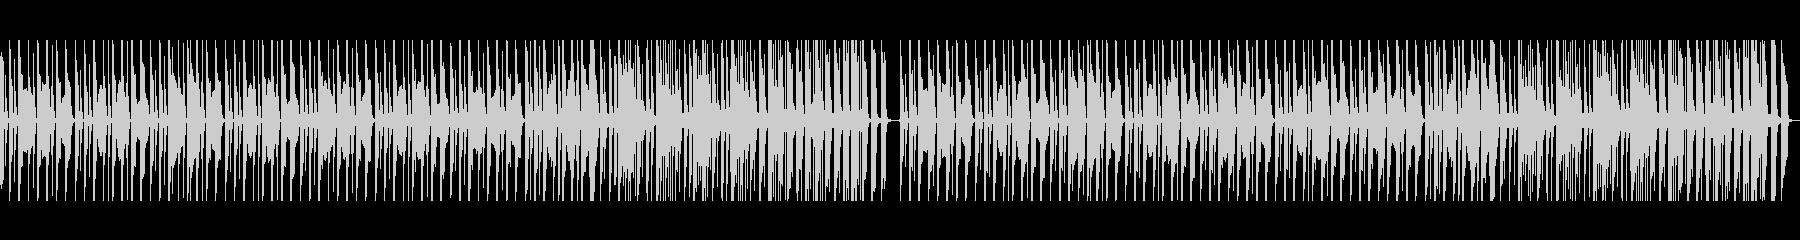 ペット動画に、コミカルな行進曲の未再生の波形